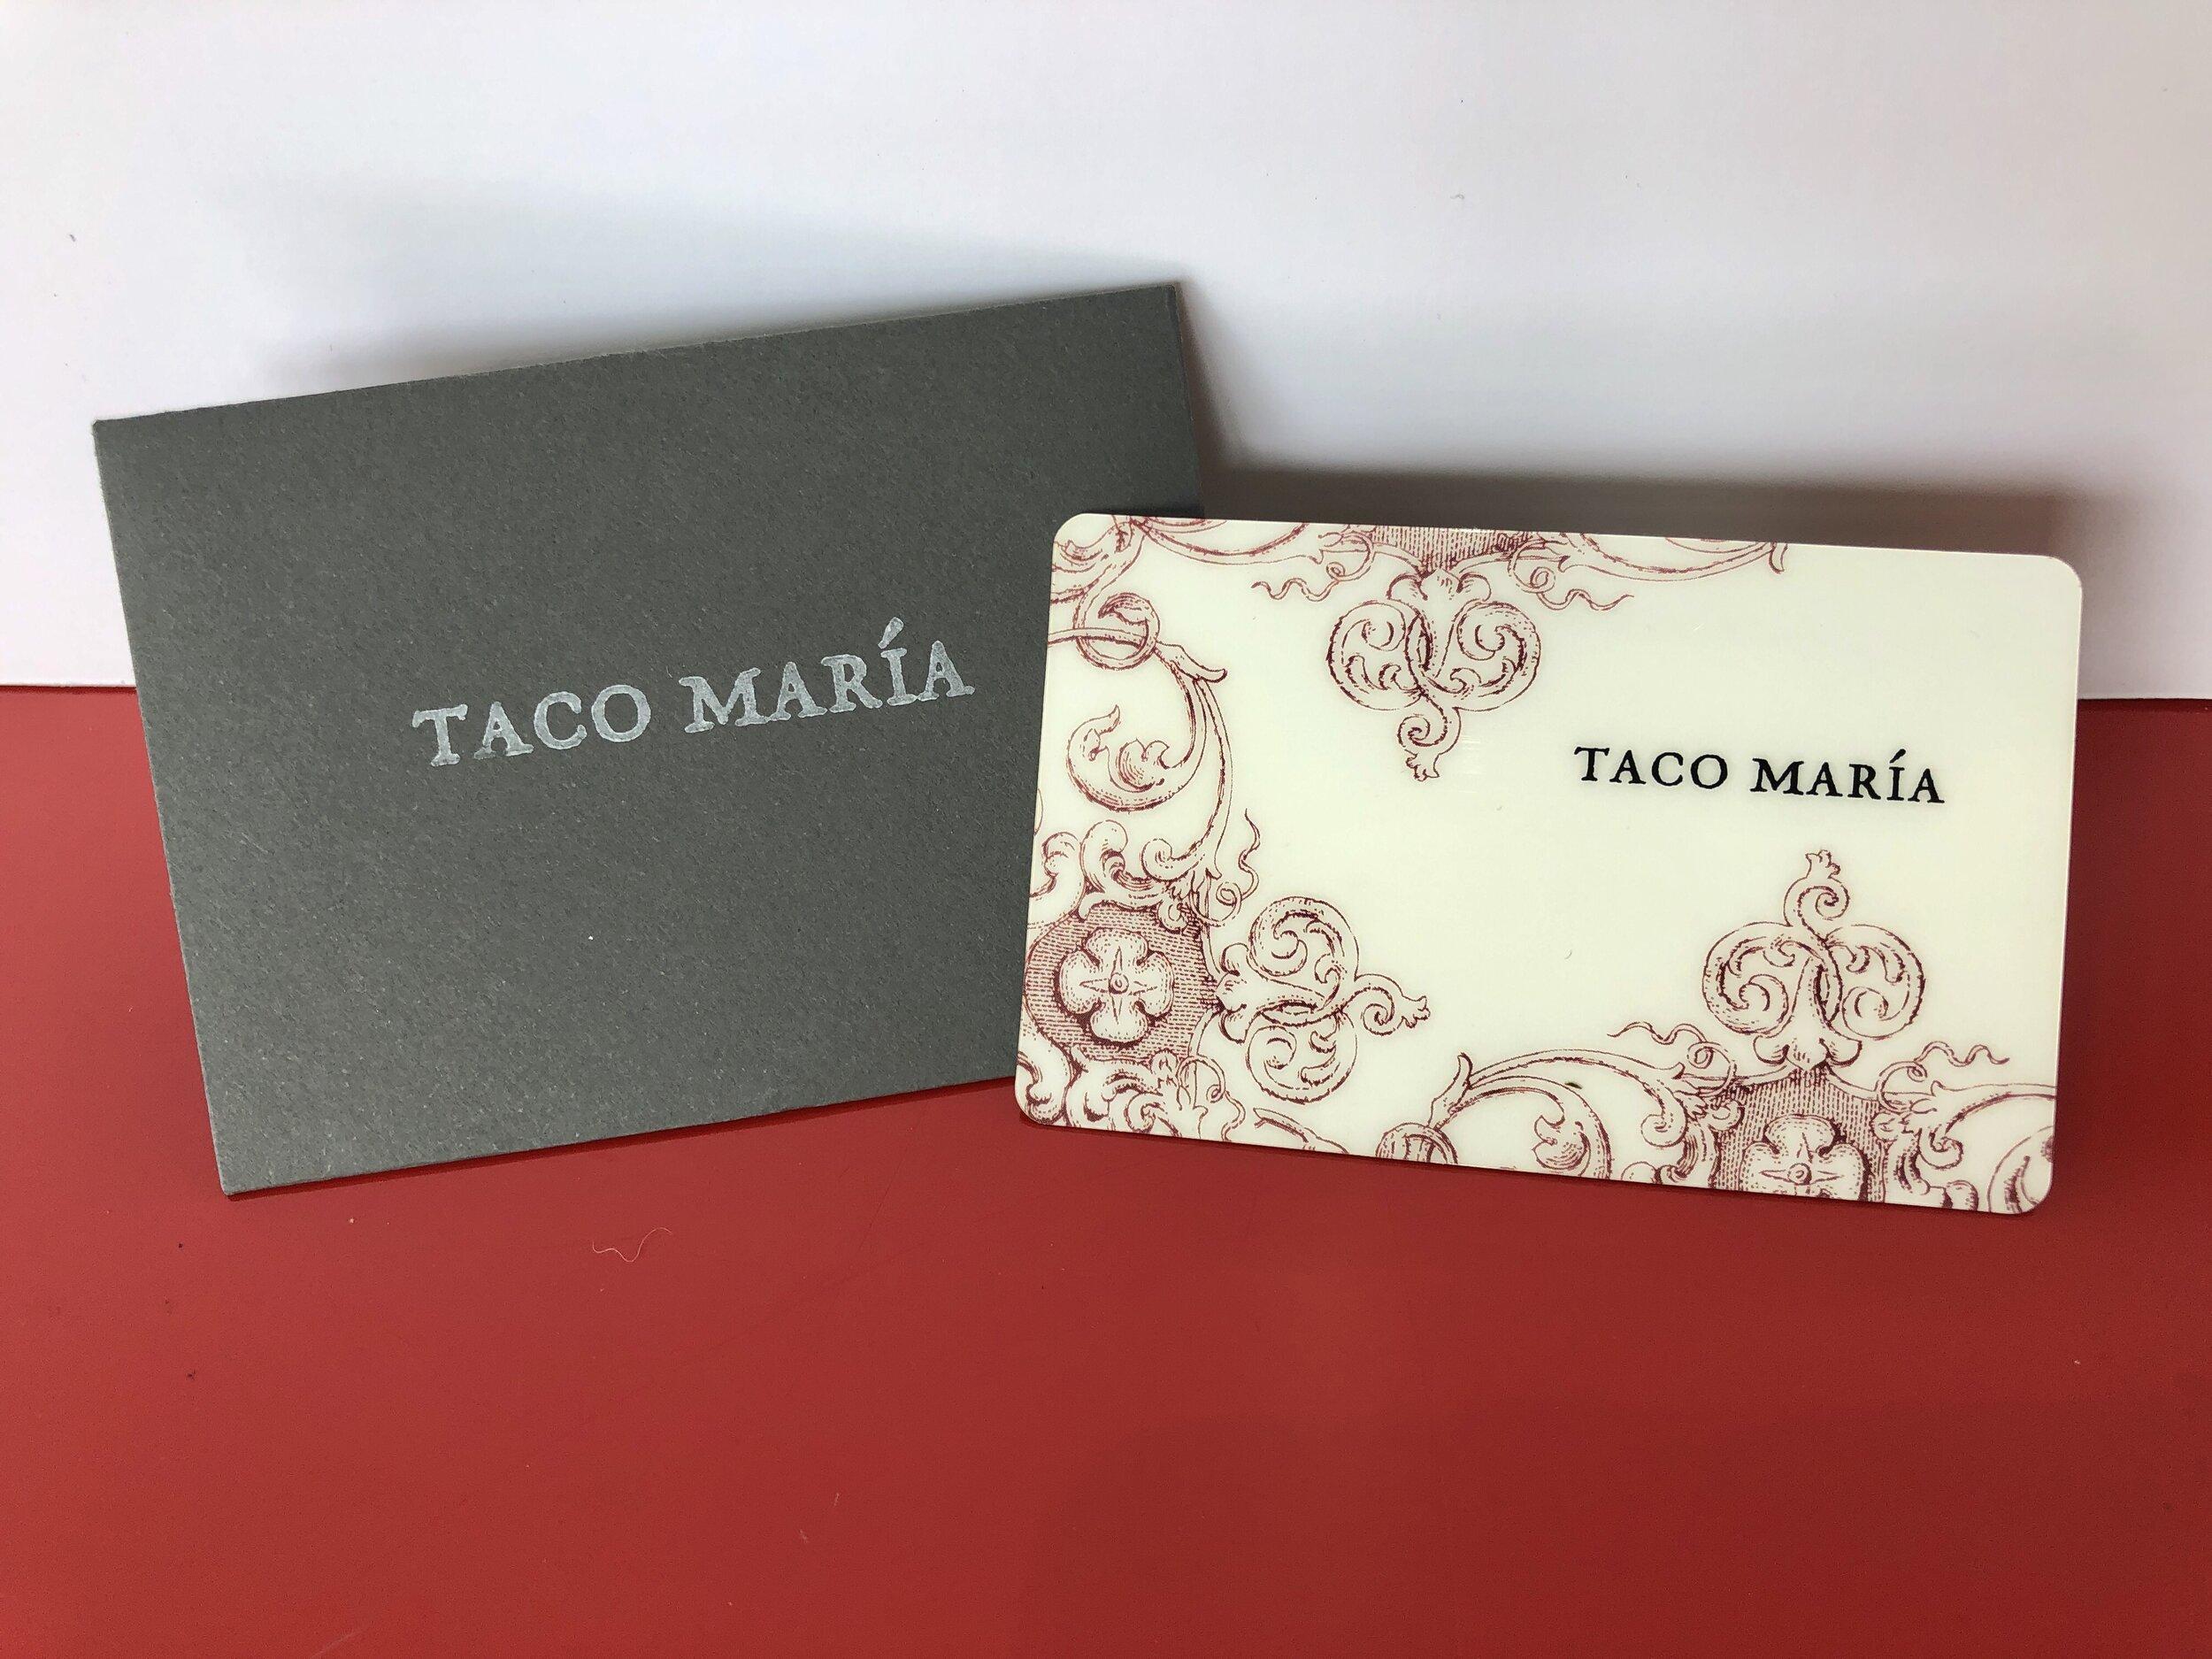 Taco Maria giftcard.JPG